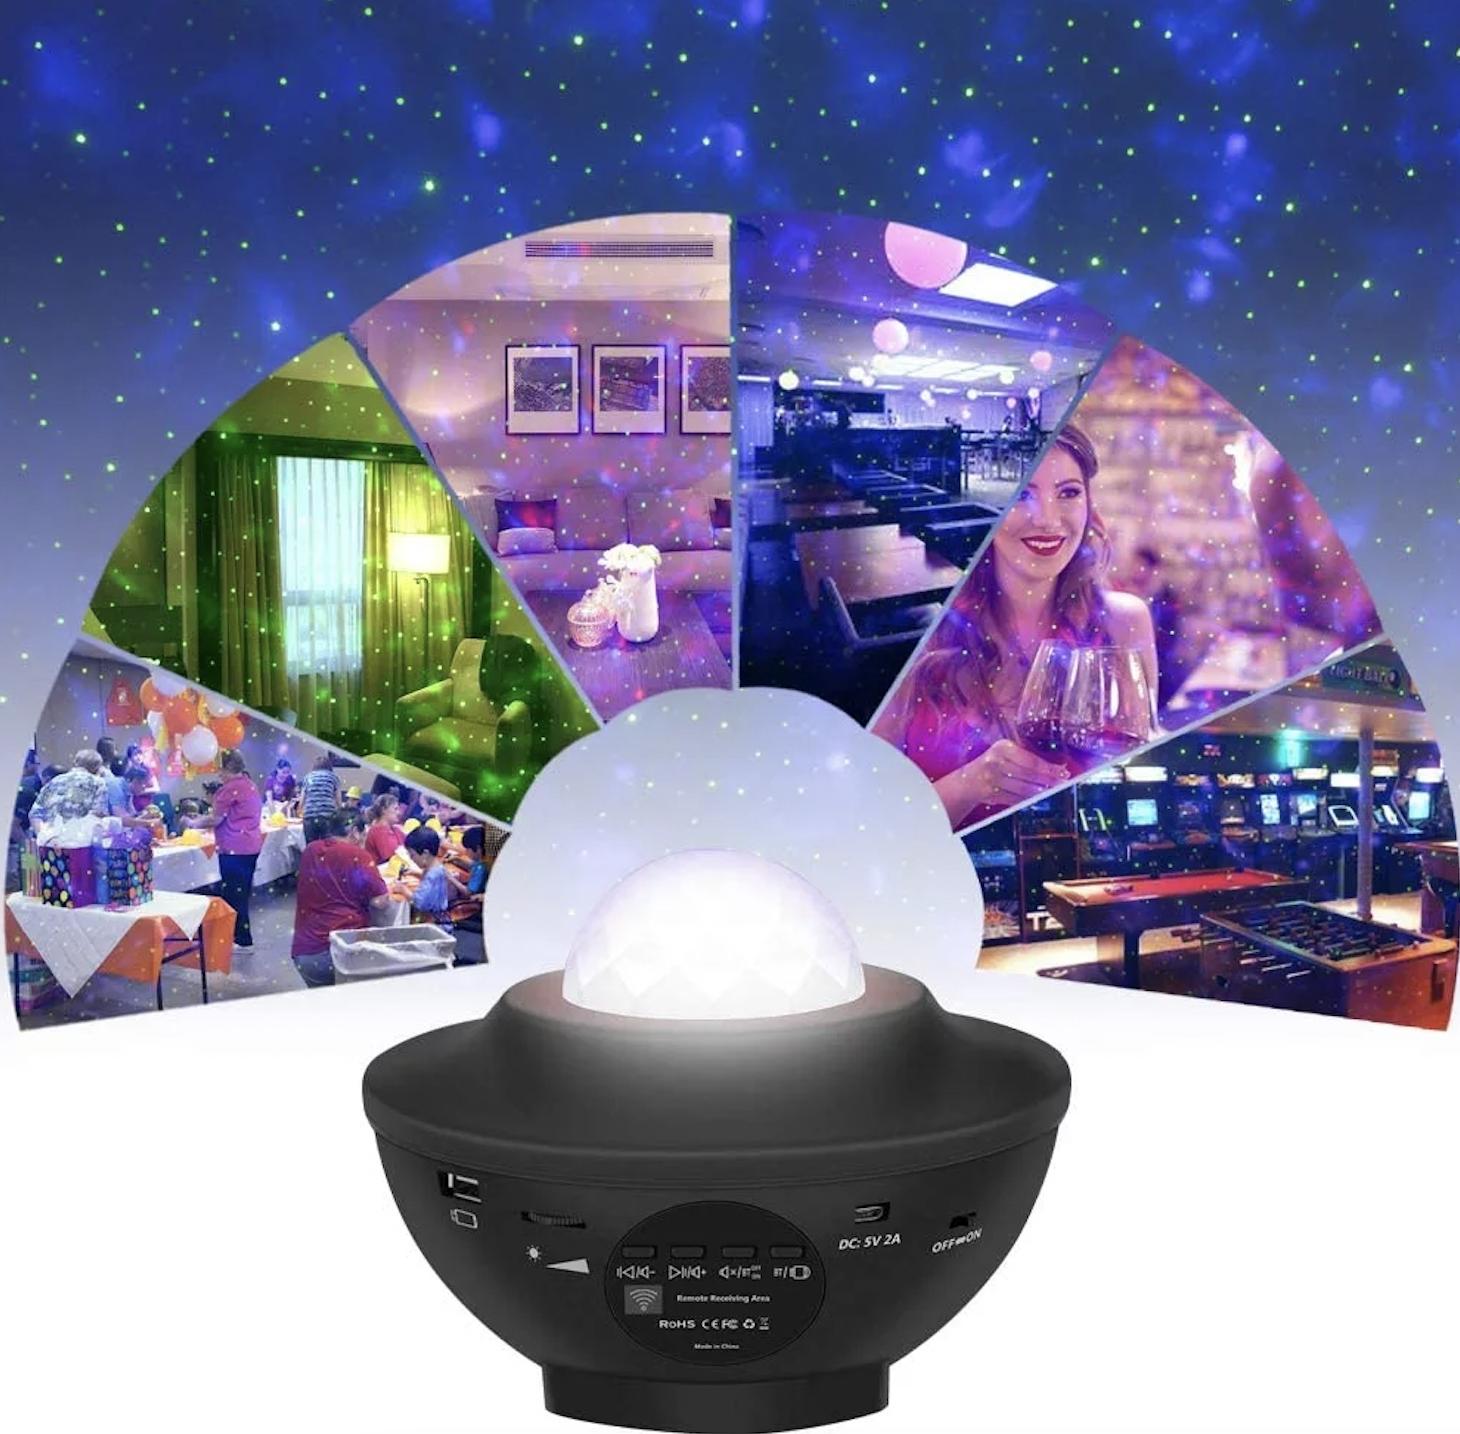 Stjerne projektor vareparti